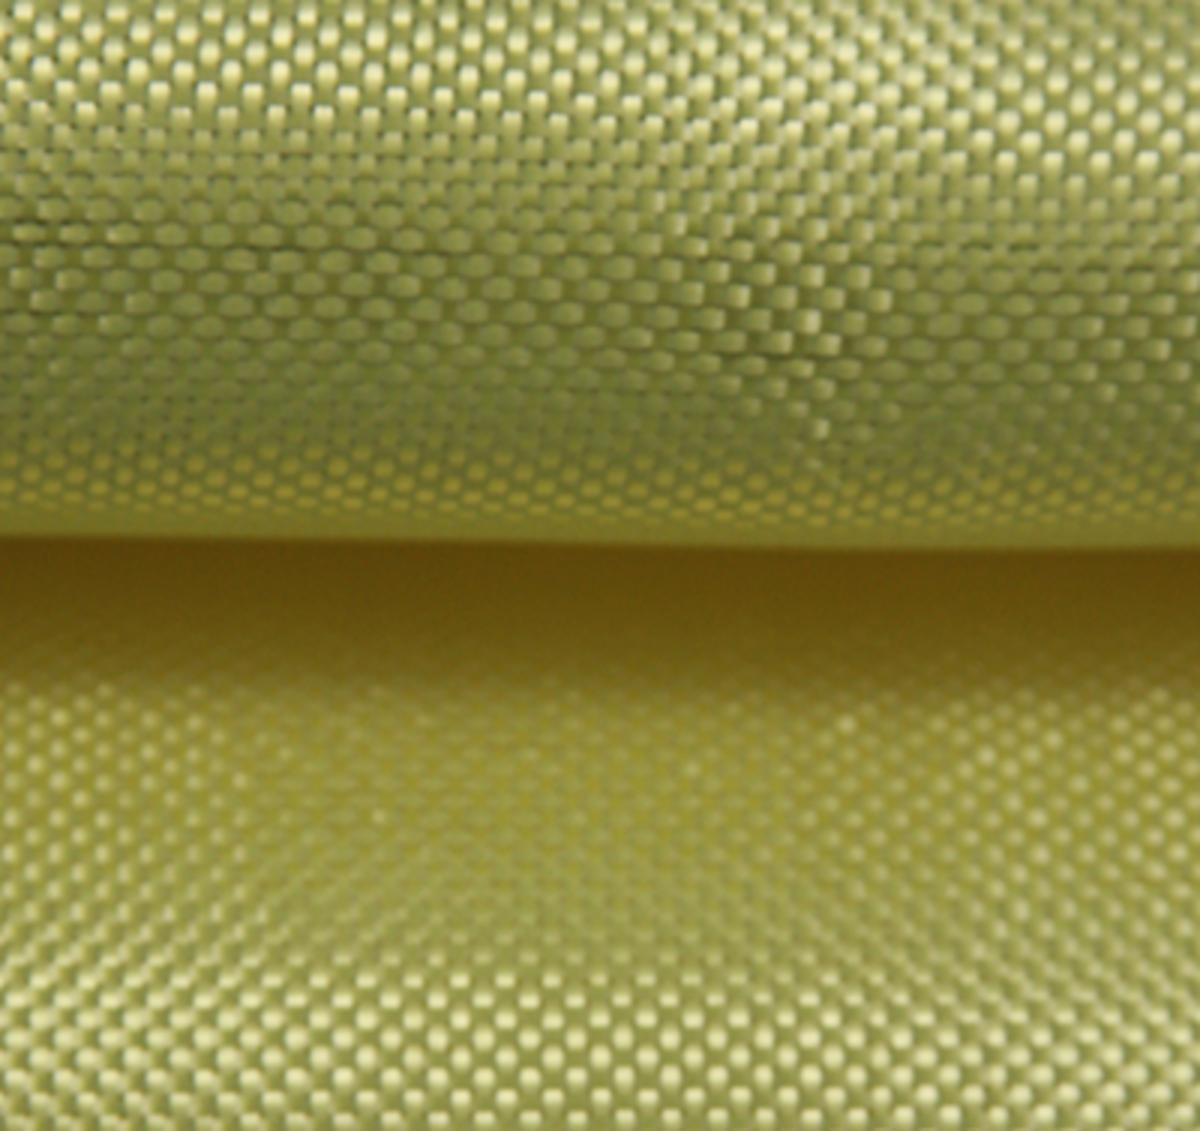 Kevlar 49 fabric.